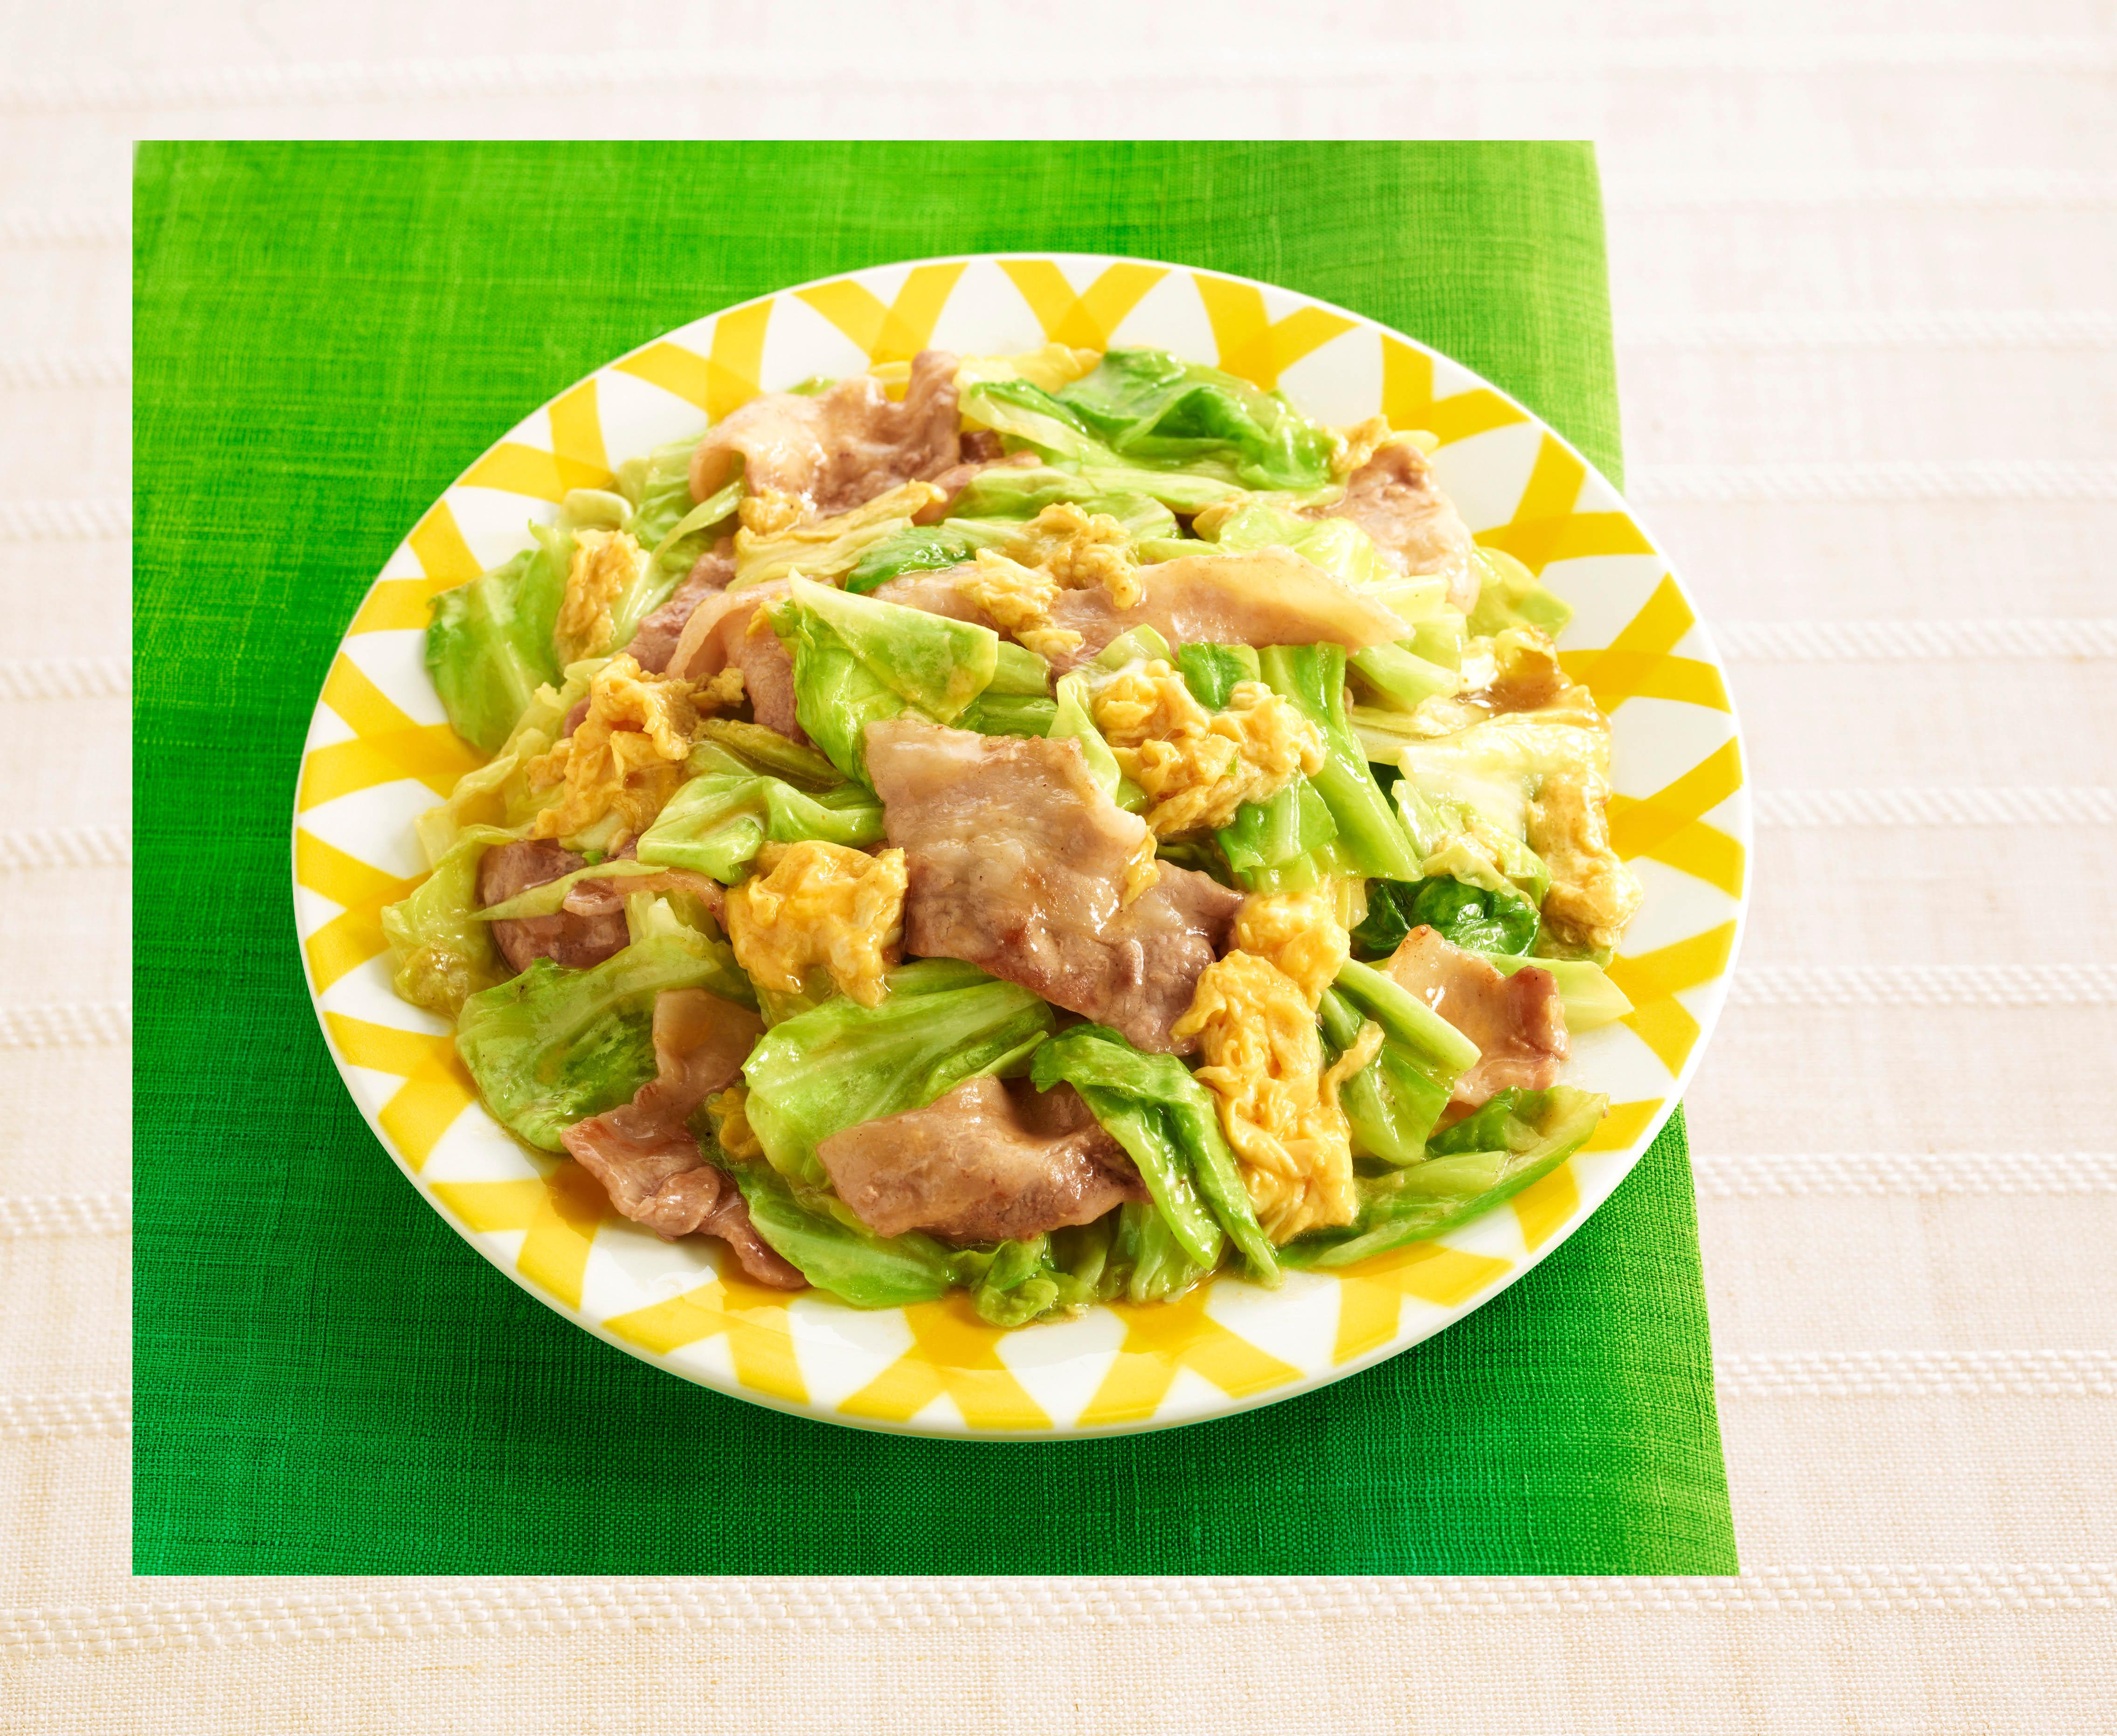 「CookDo®」きょうの大皿® とろ卵豚キャベツ